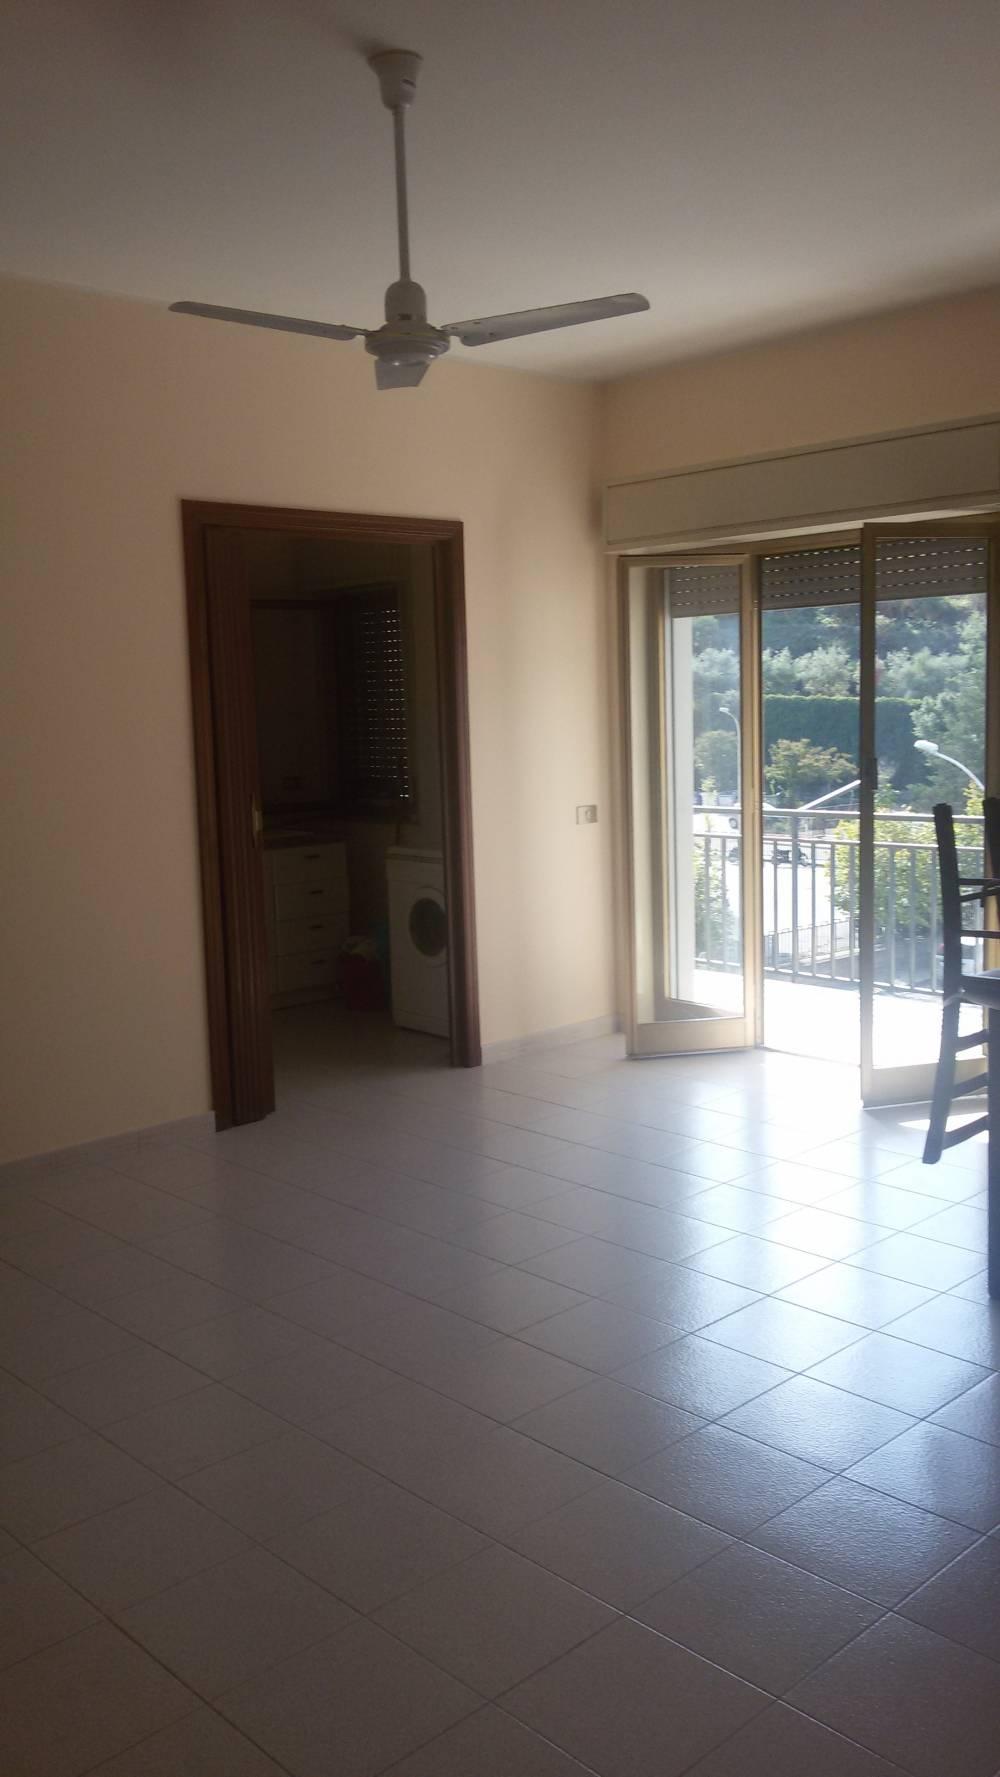 Soggiorno - Casa n vendita a Capo d'Orlando CD15VF